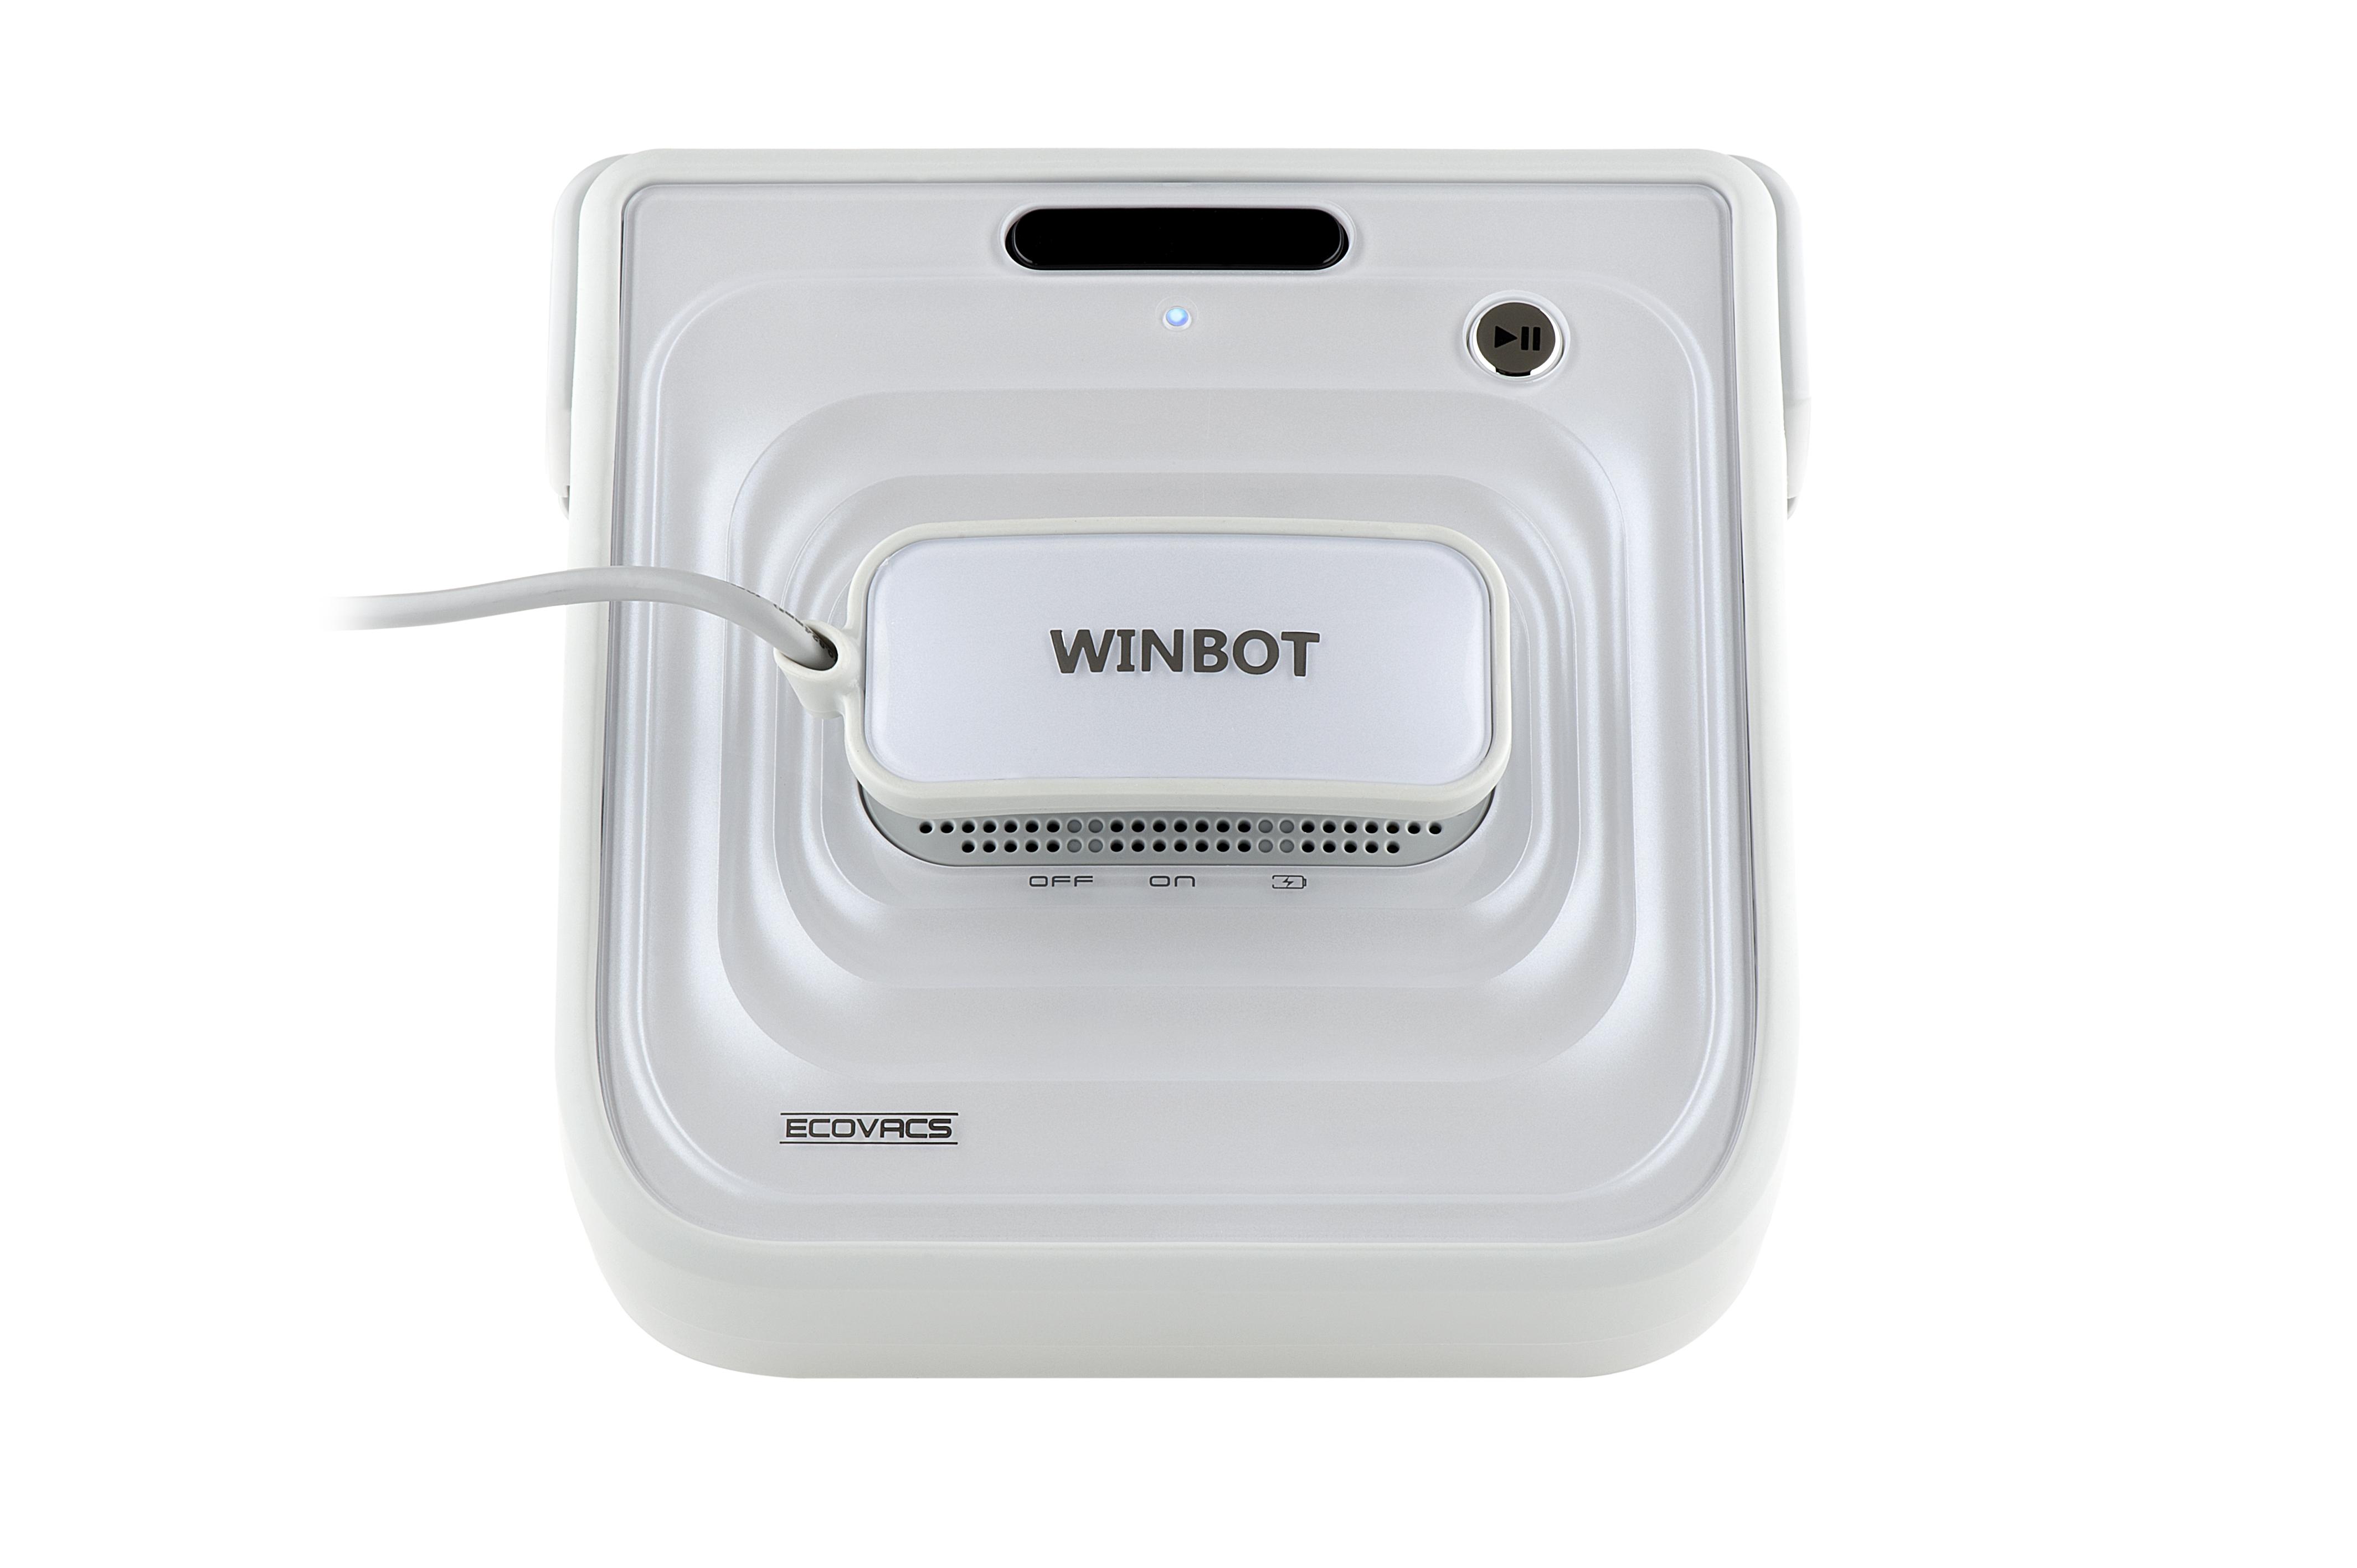 Robotický čistič oken WINBOT vyčistí vaše okna, zatímco vy se můžete věnovat svým oblíbeným činnoste...